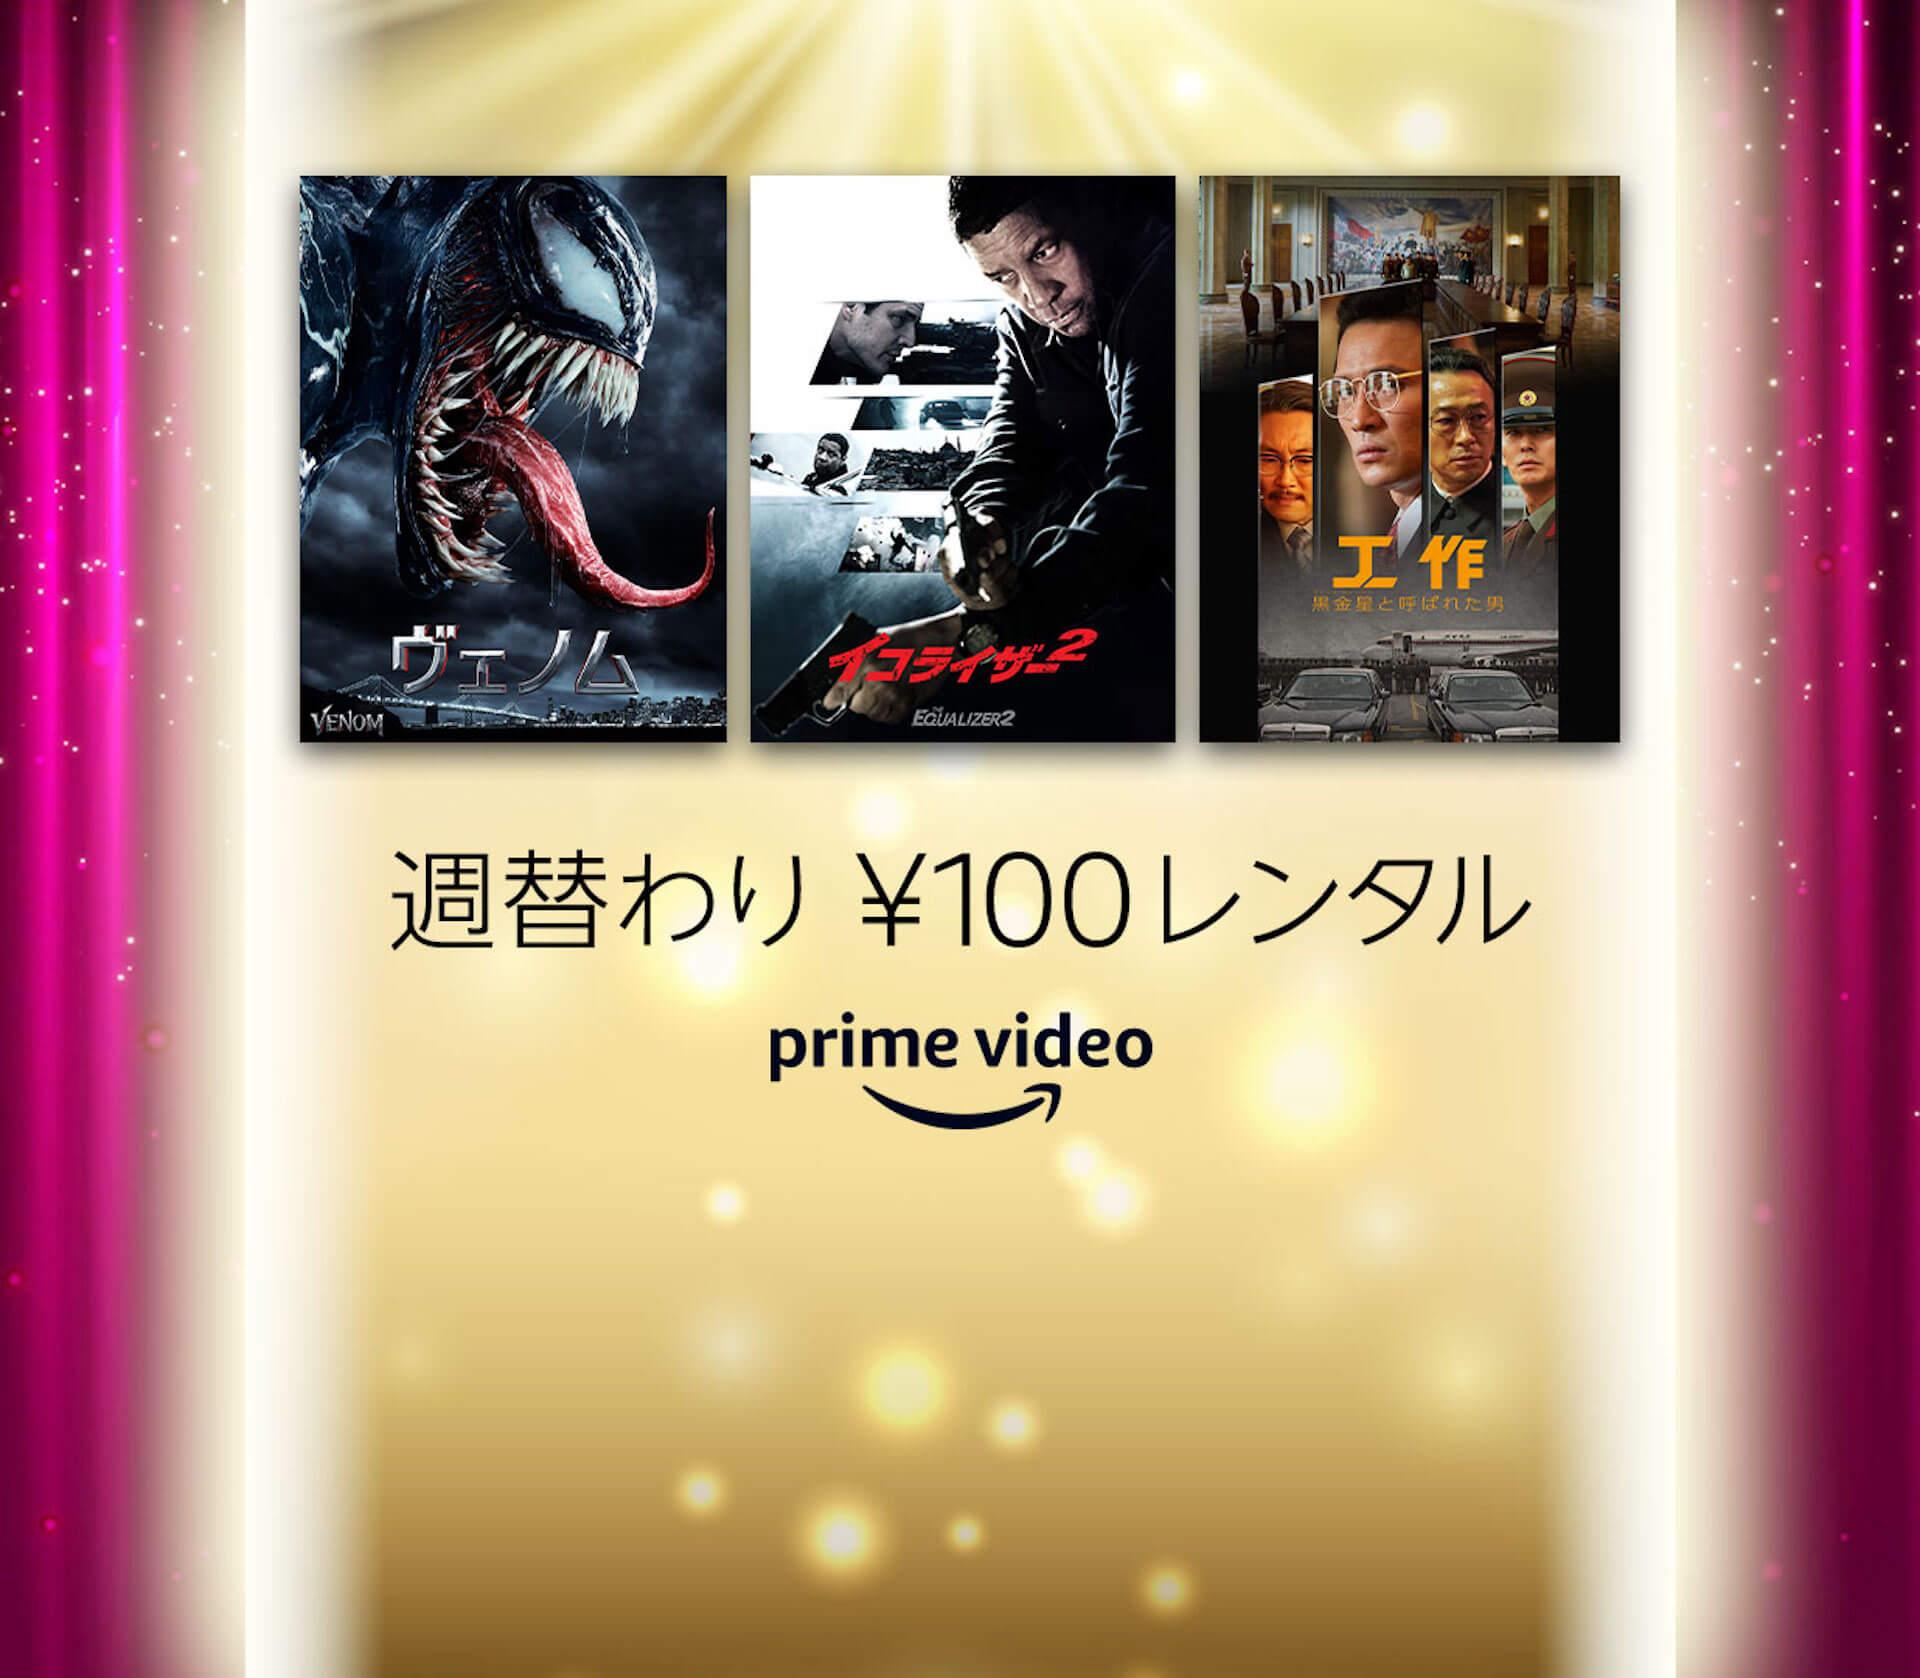 『ジョン・ウィック:パラベラム』、『星の王子ニューヨークへ行く 2』など話題作がたくさん!Amazonプライムビデオ3月の配信ラインナップが解禁 film210225_amazonprimevideo_12